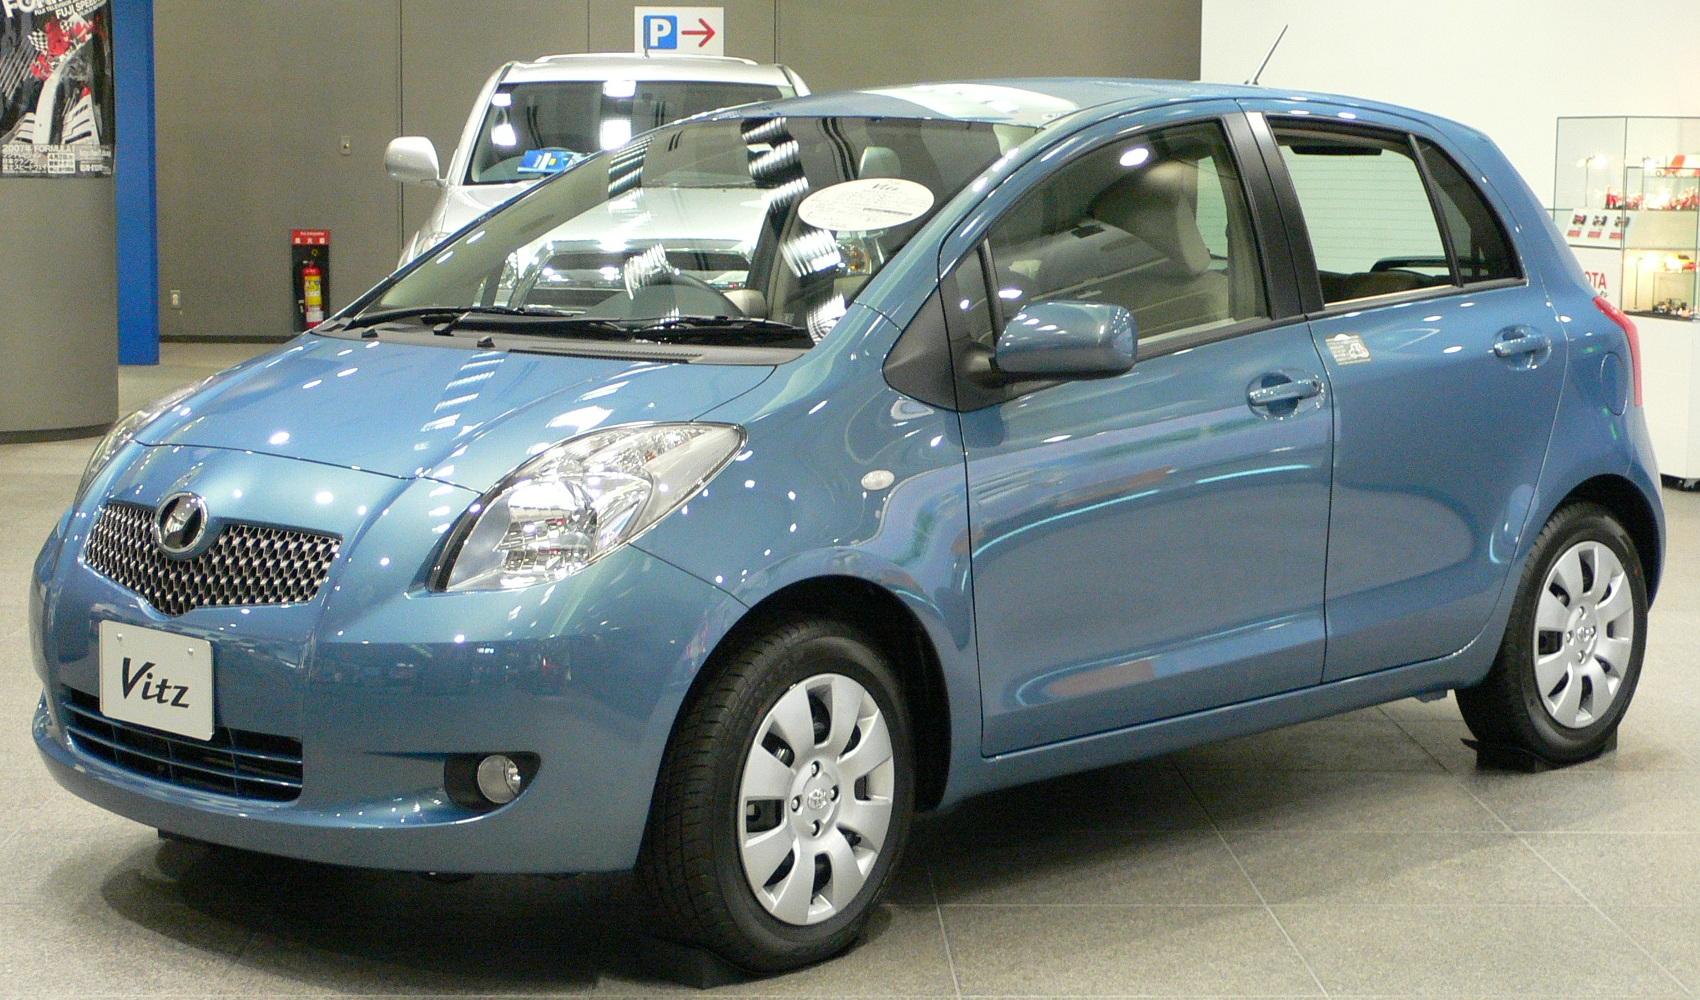 TOYOTA VITZ - BLUE